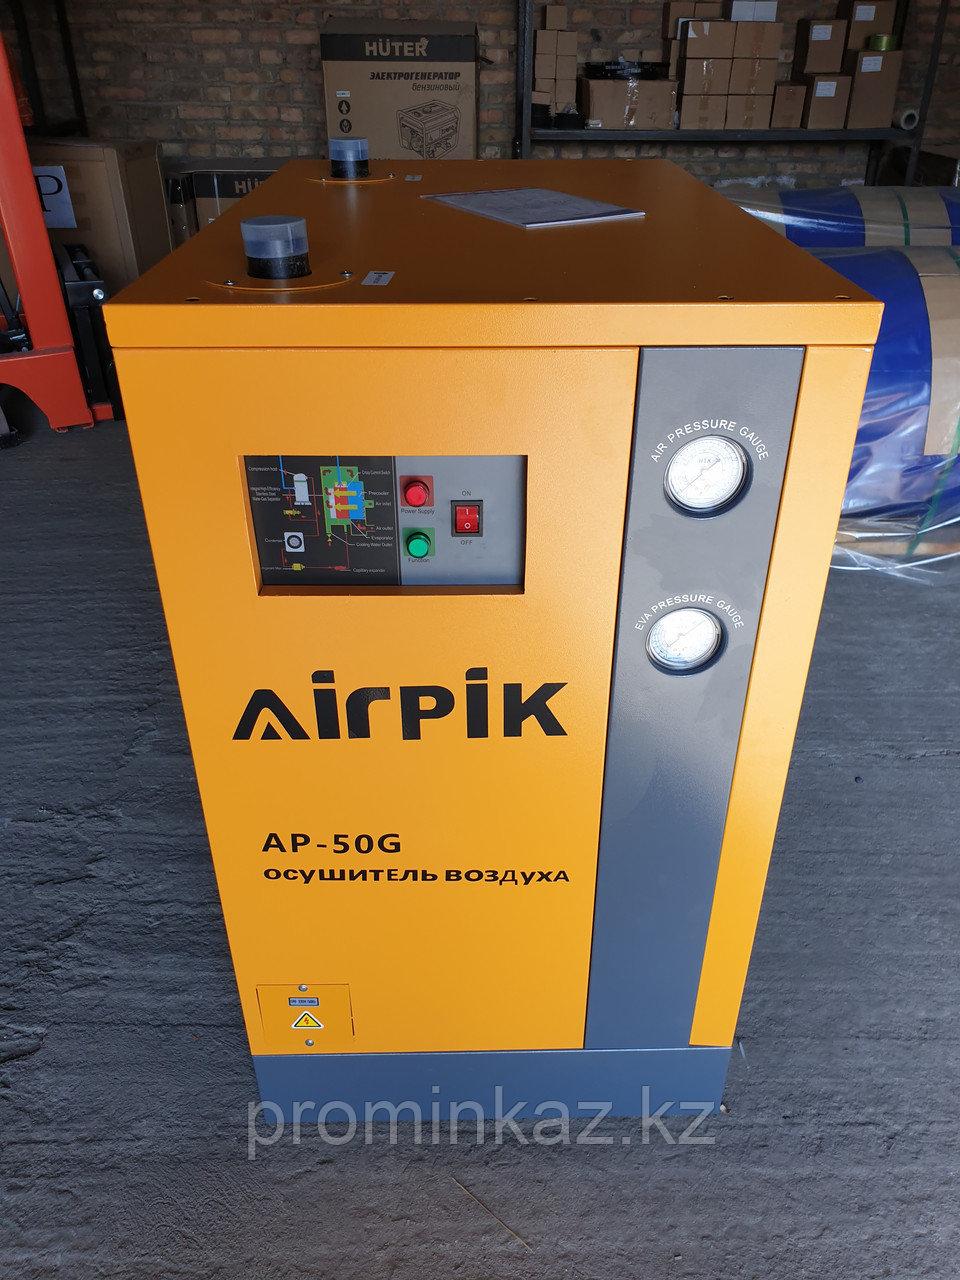 Осушитель воздуха AP-50, - 6,5 м3/мин, AirPIK